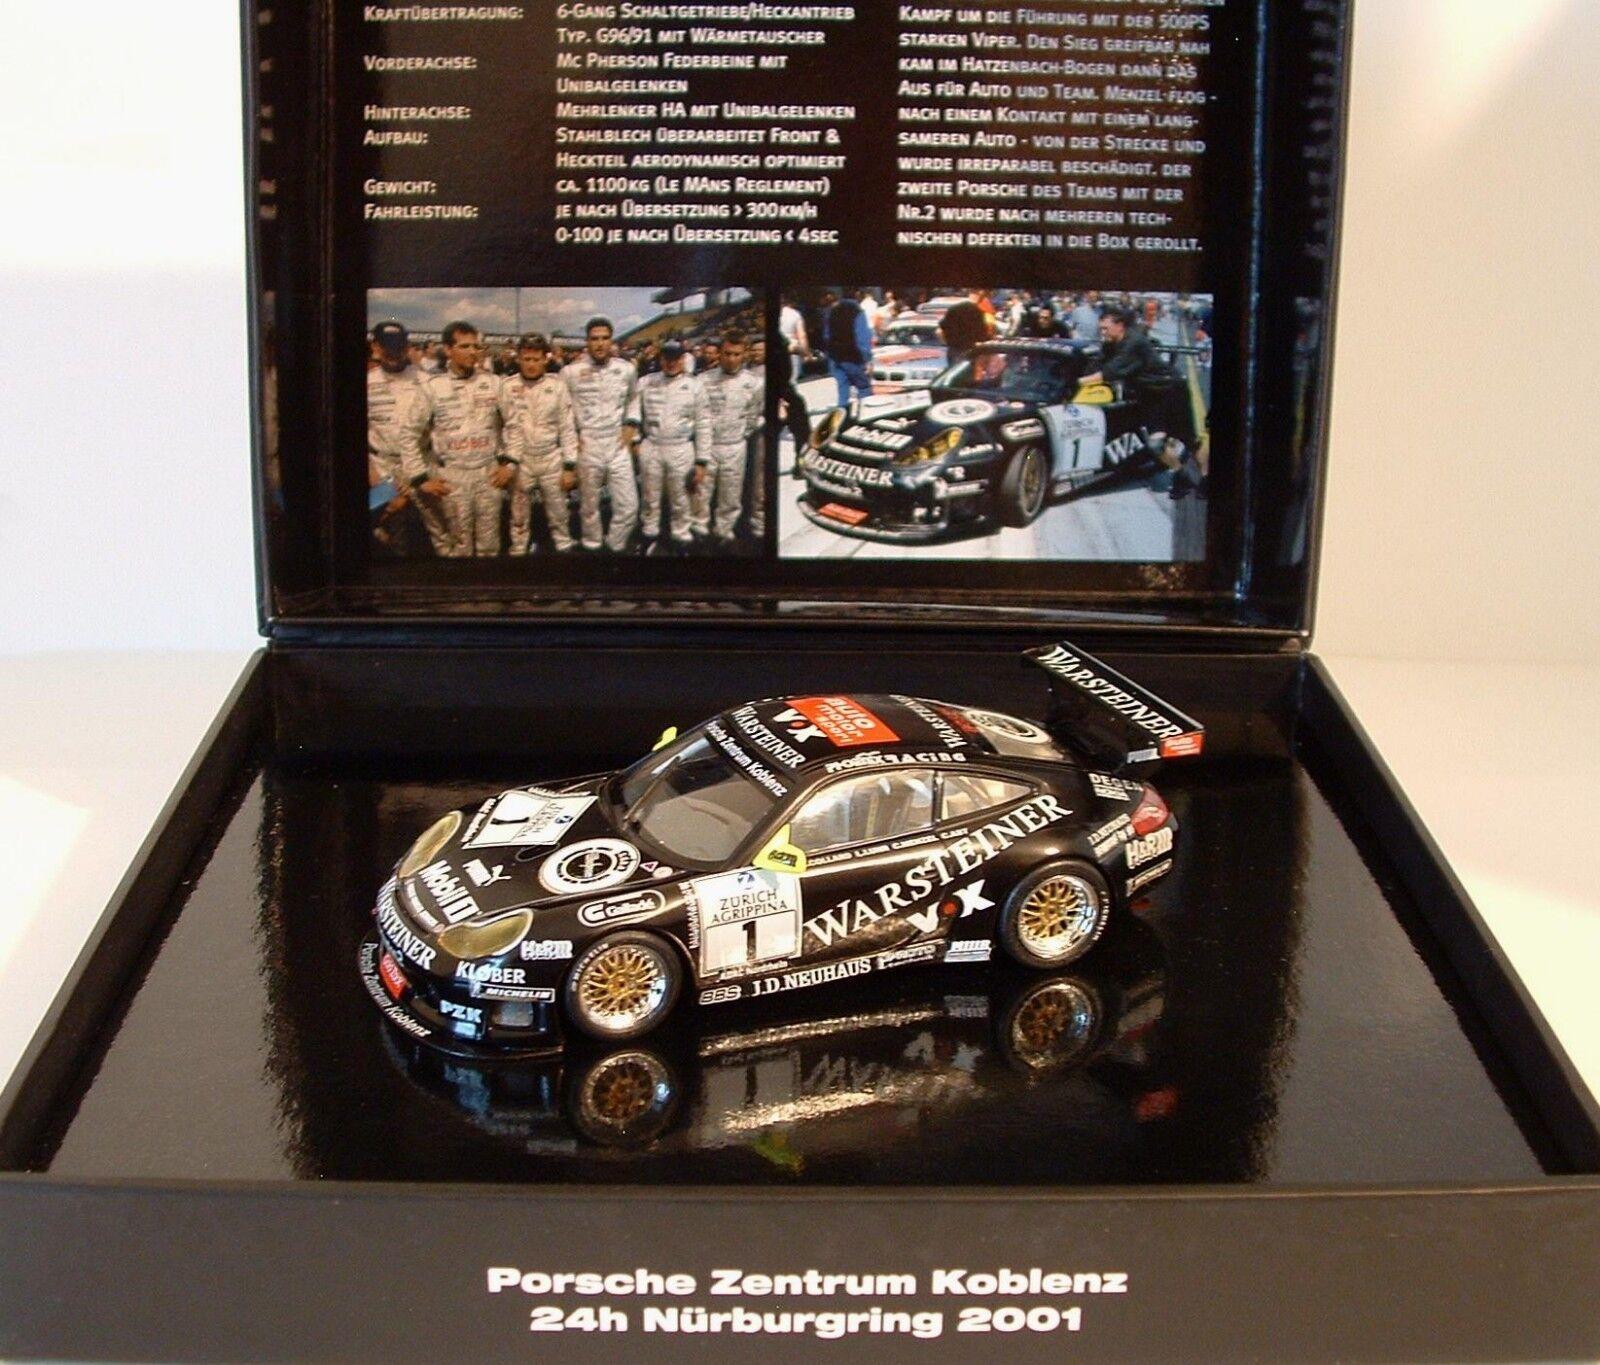 Minichamps 1 43 Porsche 911 GT3R Warsteiner PZK 24h Sieger Nurburgring 2001